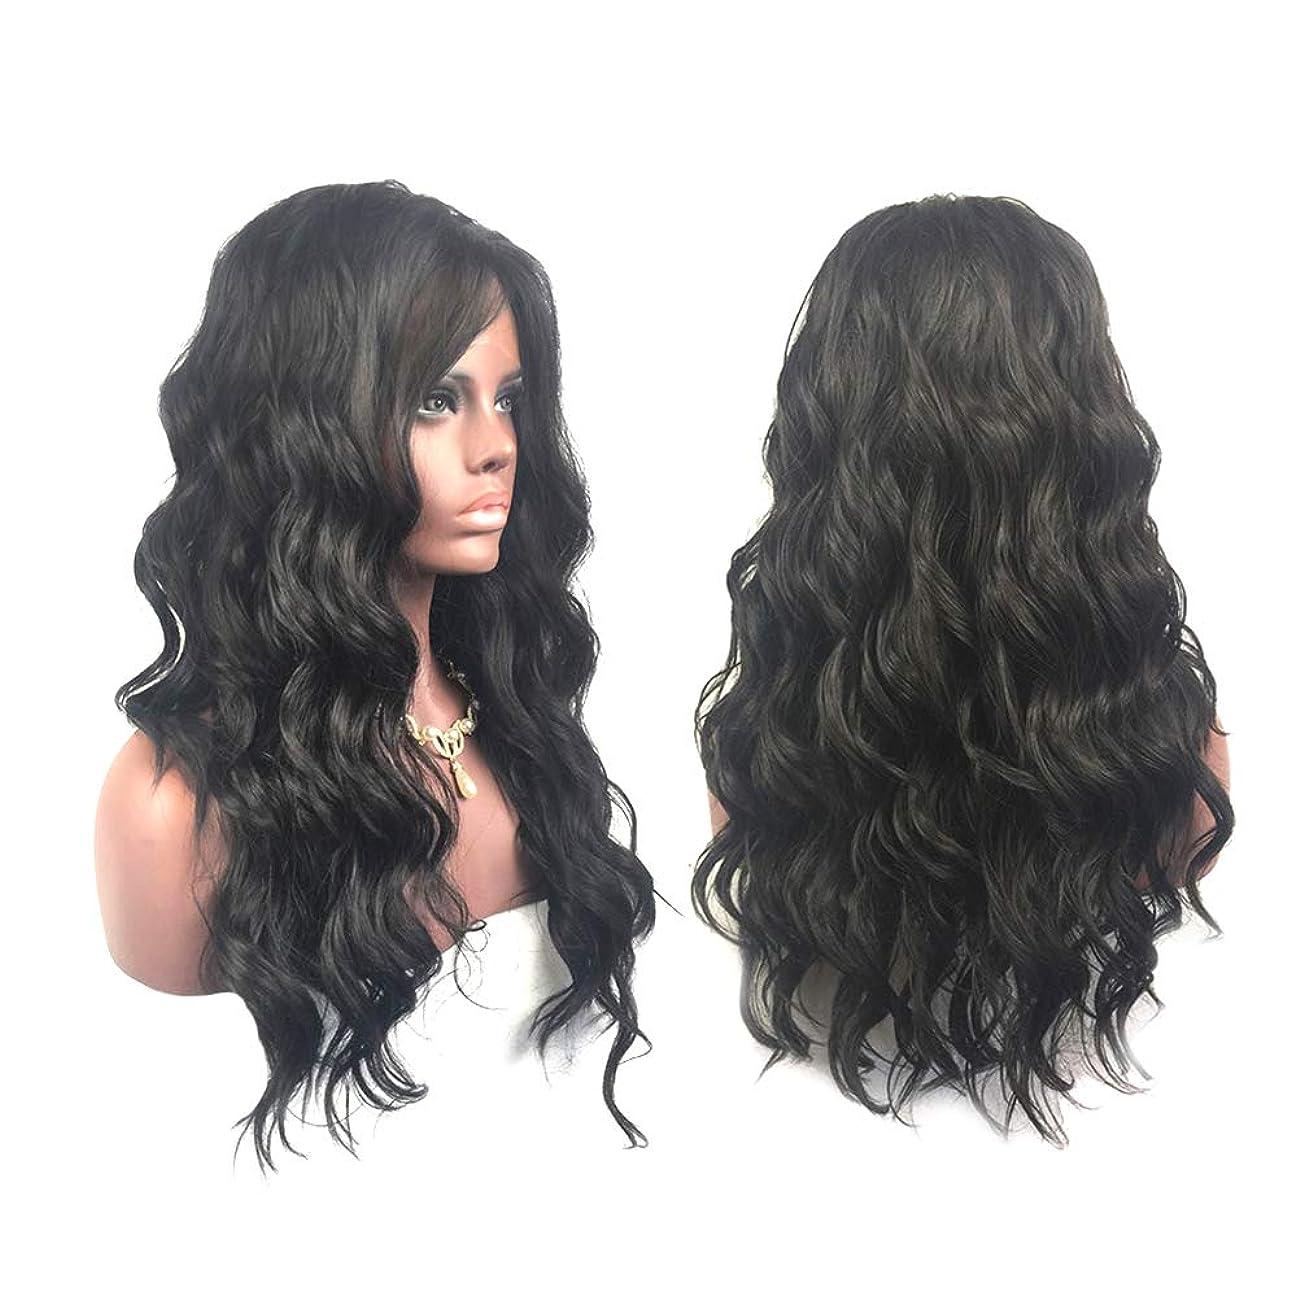 金額として回想女性のファッションロング巻き毛のかつら自然な絶妙な弾性ネットウィッグカバー(66231)